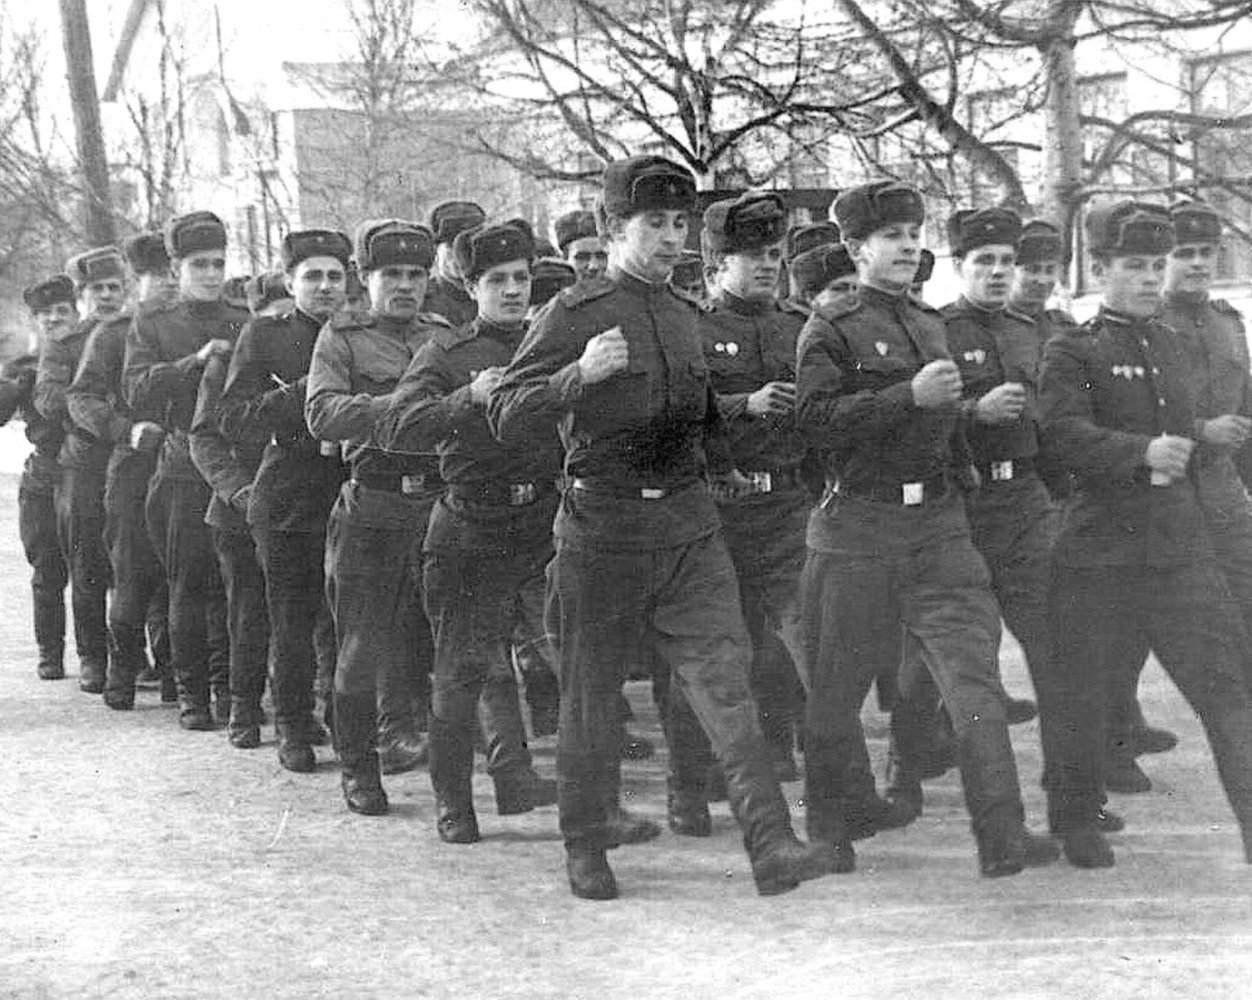 Фото 1 рота 11085 следует на обед 1968 год. Россия, Приморский край, Дальнереченск, улица Татаринцева, 72